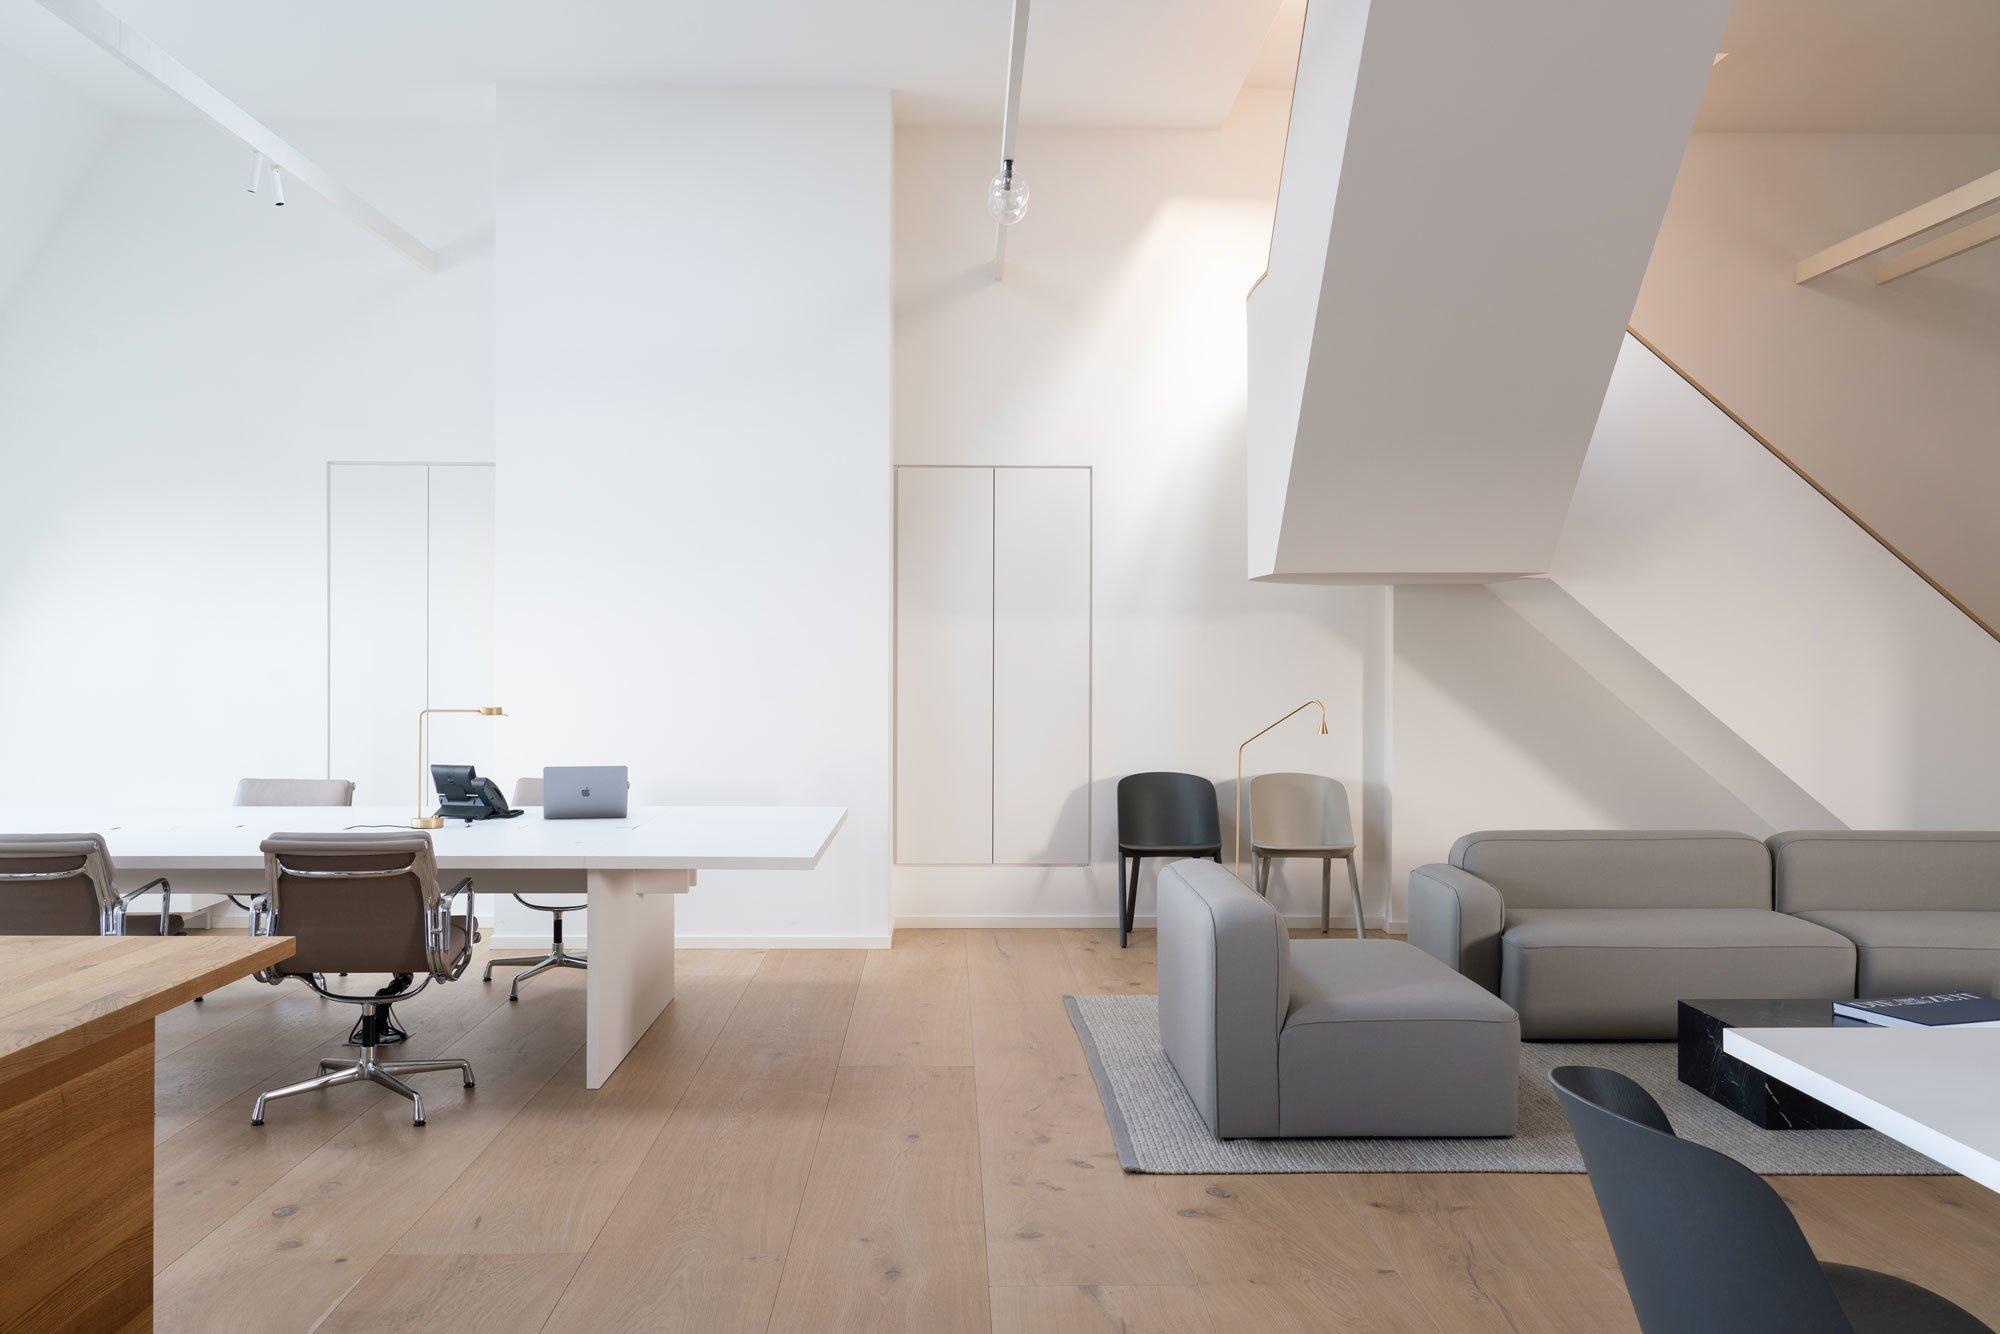 Den Mitarbeitern stehen sowohl Schreibtische als auch Loungebereiche zum Arbeiten zur Verfügung.